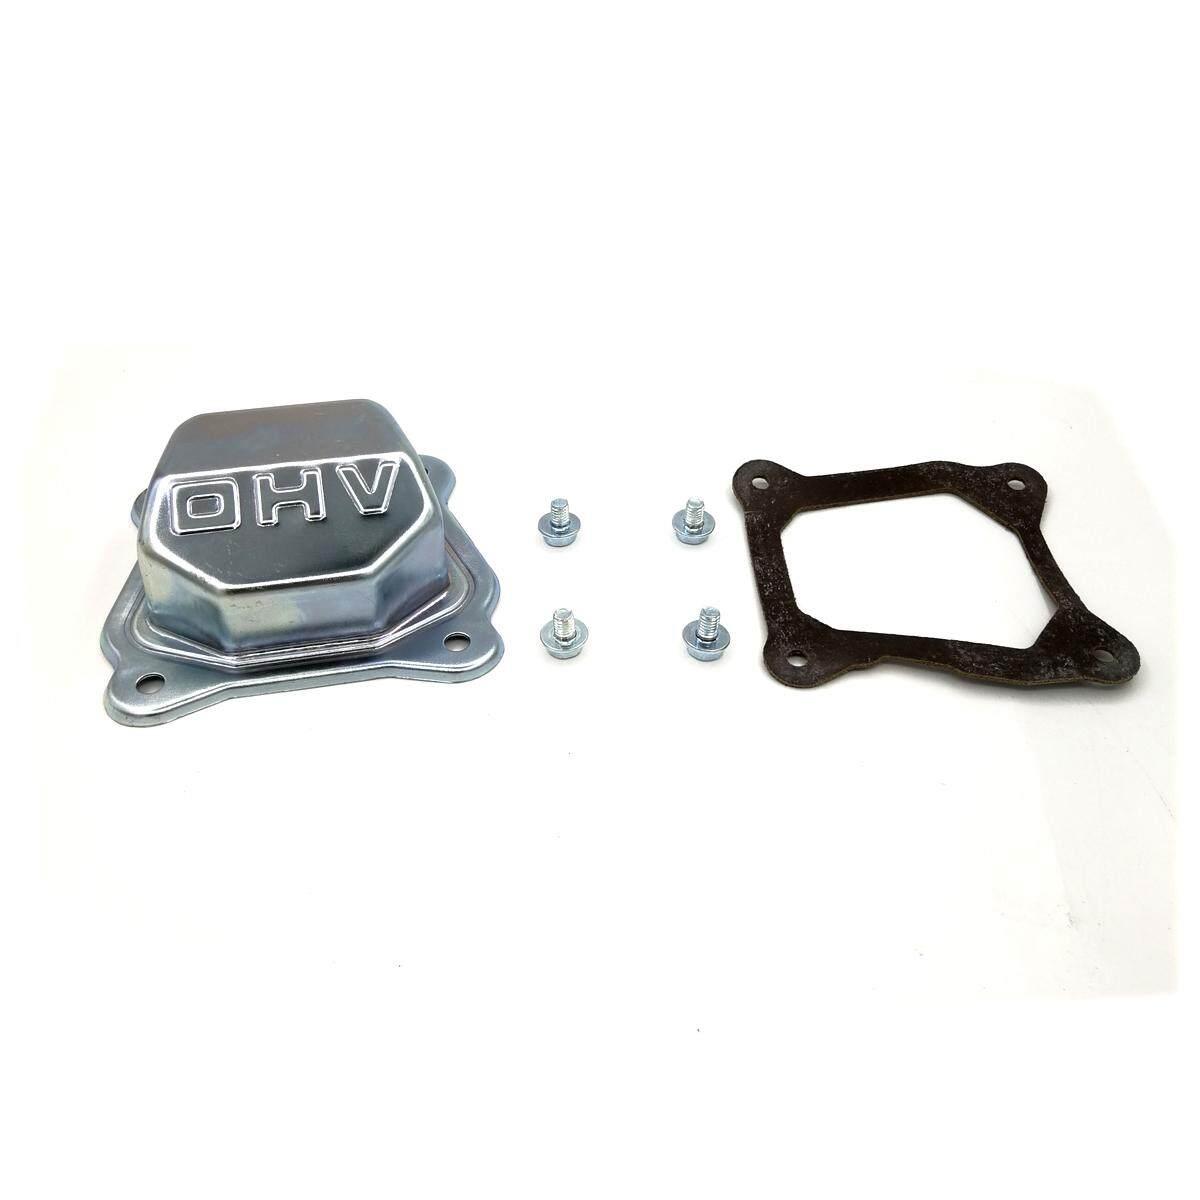 Katup Penutup Kepala Seal Gasket Sekrup untuk Honda GX110 GX120 GX140 GX160 GX200 Cina 168F 170F 5.5HP 6.5HP Generator Mesin-Intl